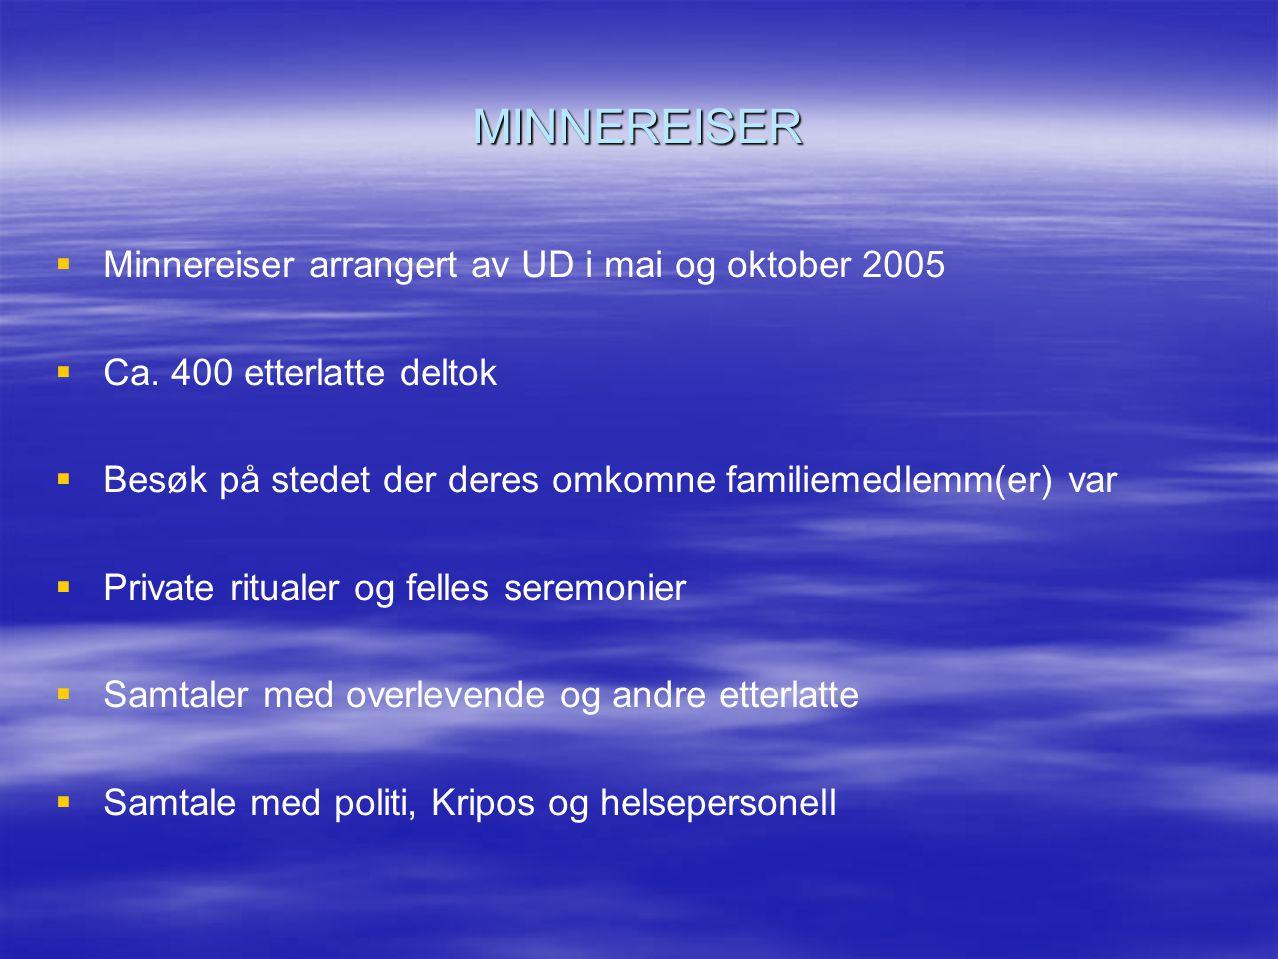 MINNEREISER   Minnereiser arrangert av UD i mai og oktober 2005   Ca. 400 etterlatte deltok   Besøk på stedet der deres omkomne familiemedlemm(e